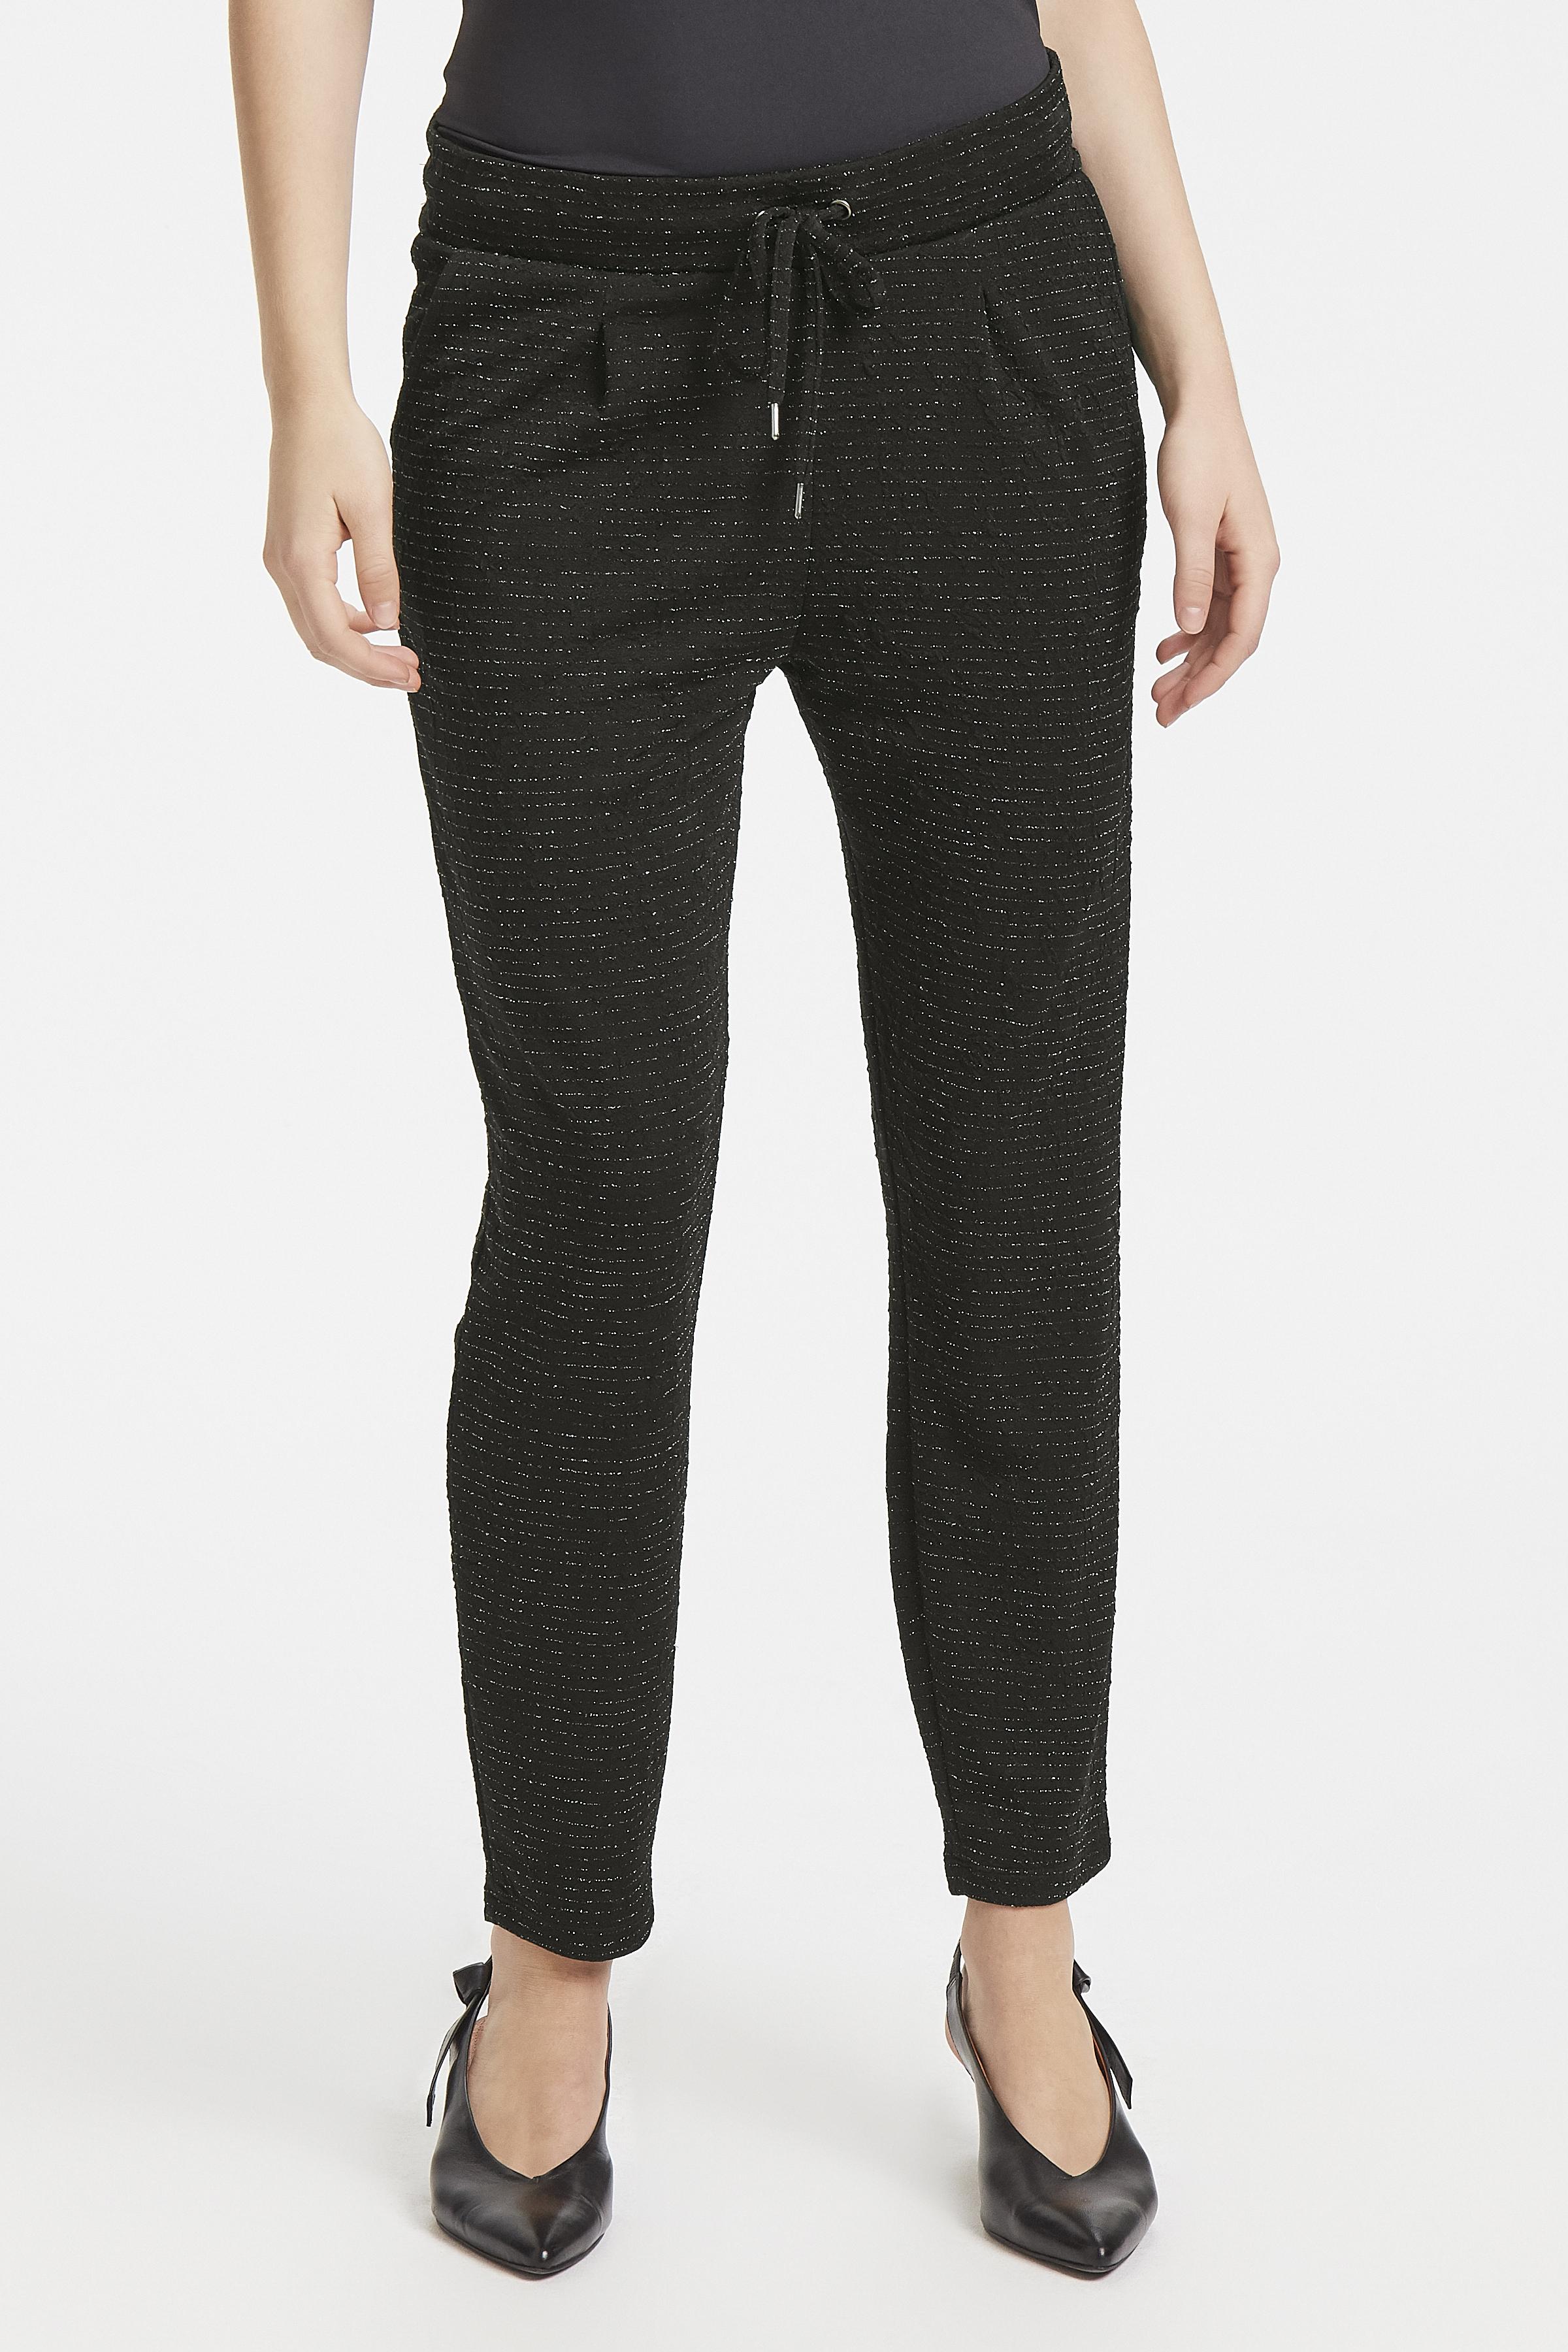 Black w. lurex Pants Casual von b.young – Kaufen Sie Black w. lurex Pants Casual aus Größe S-XXL hier